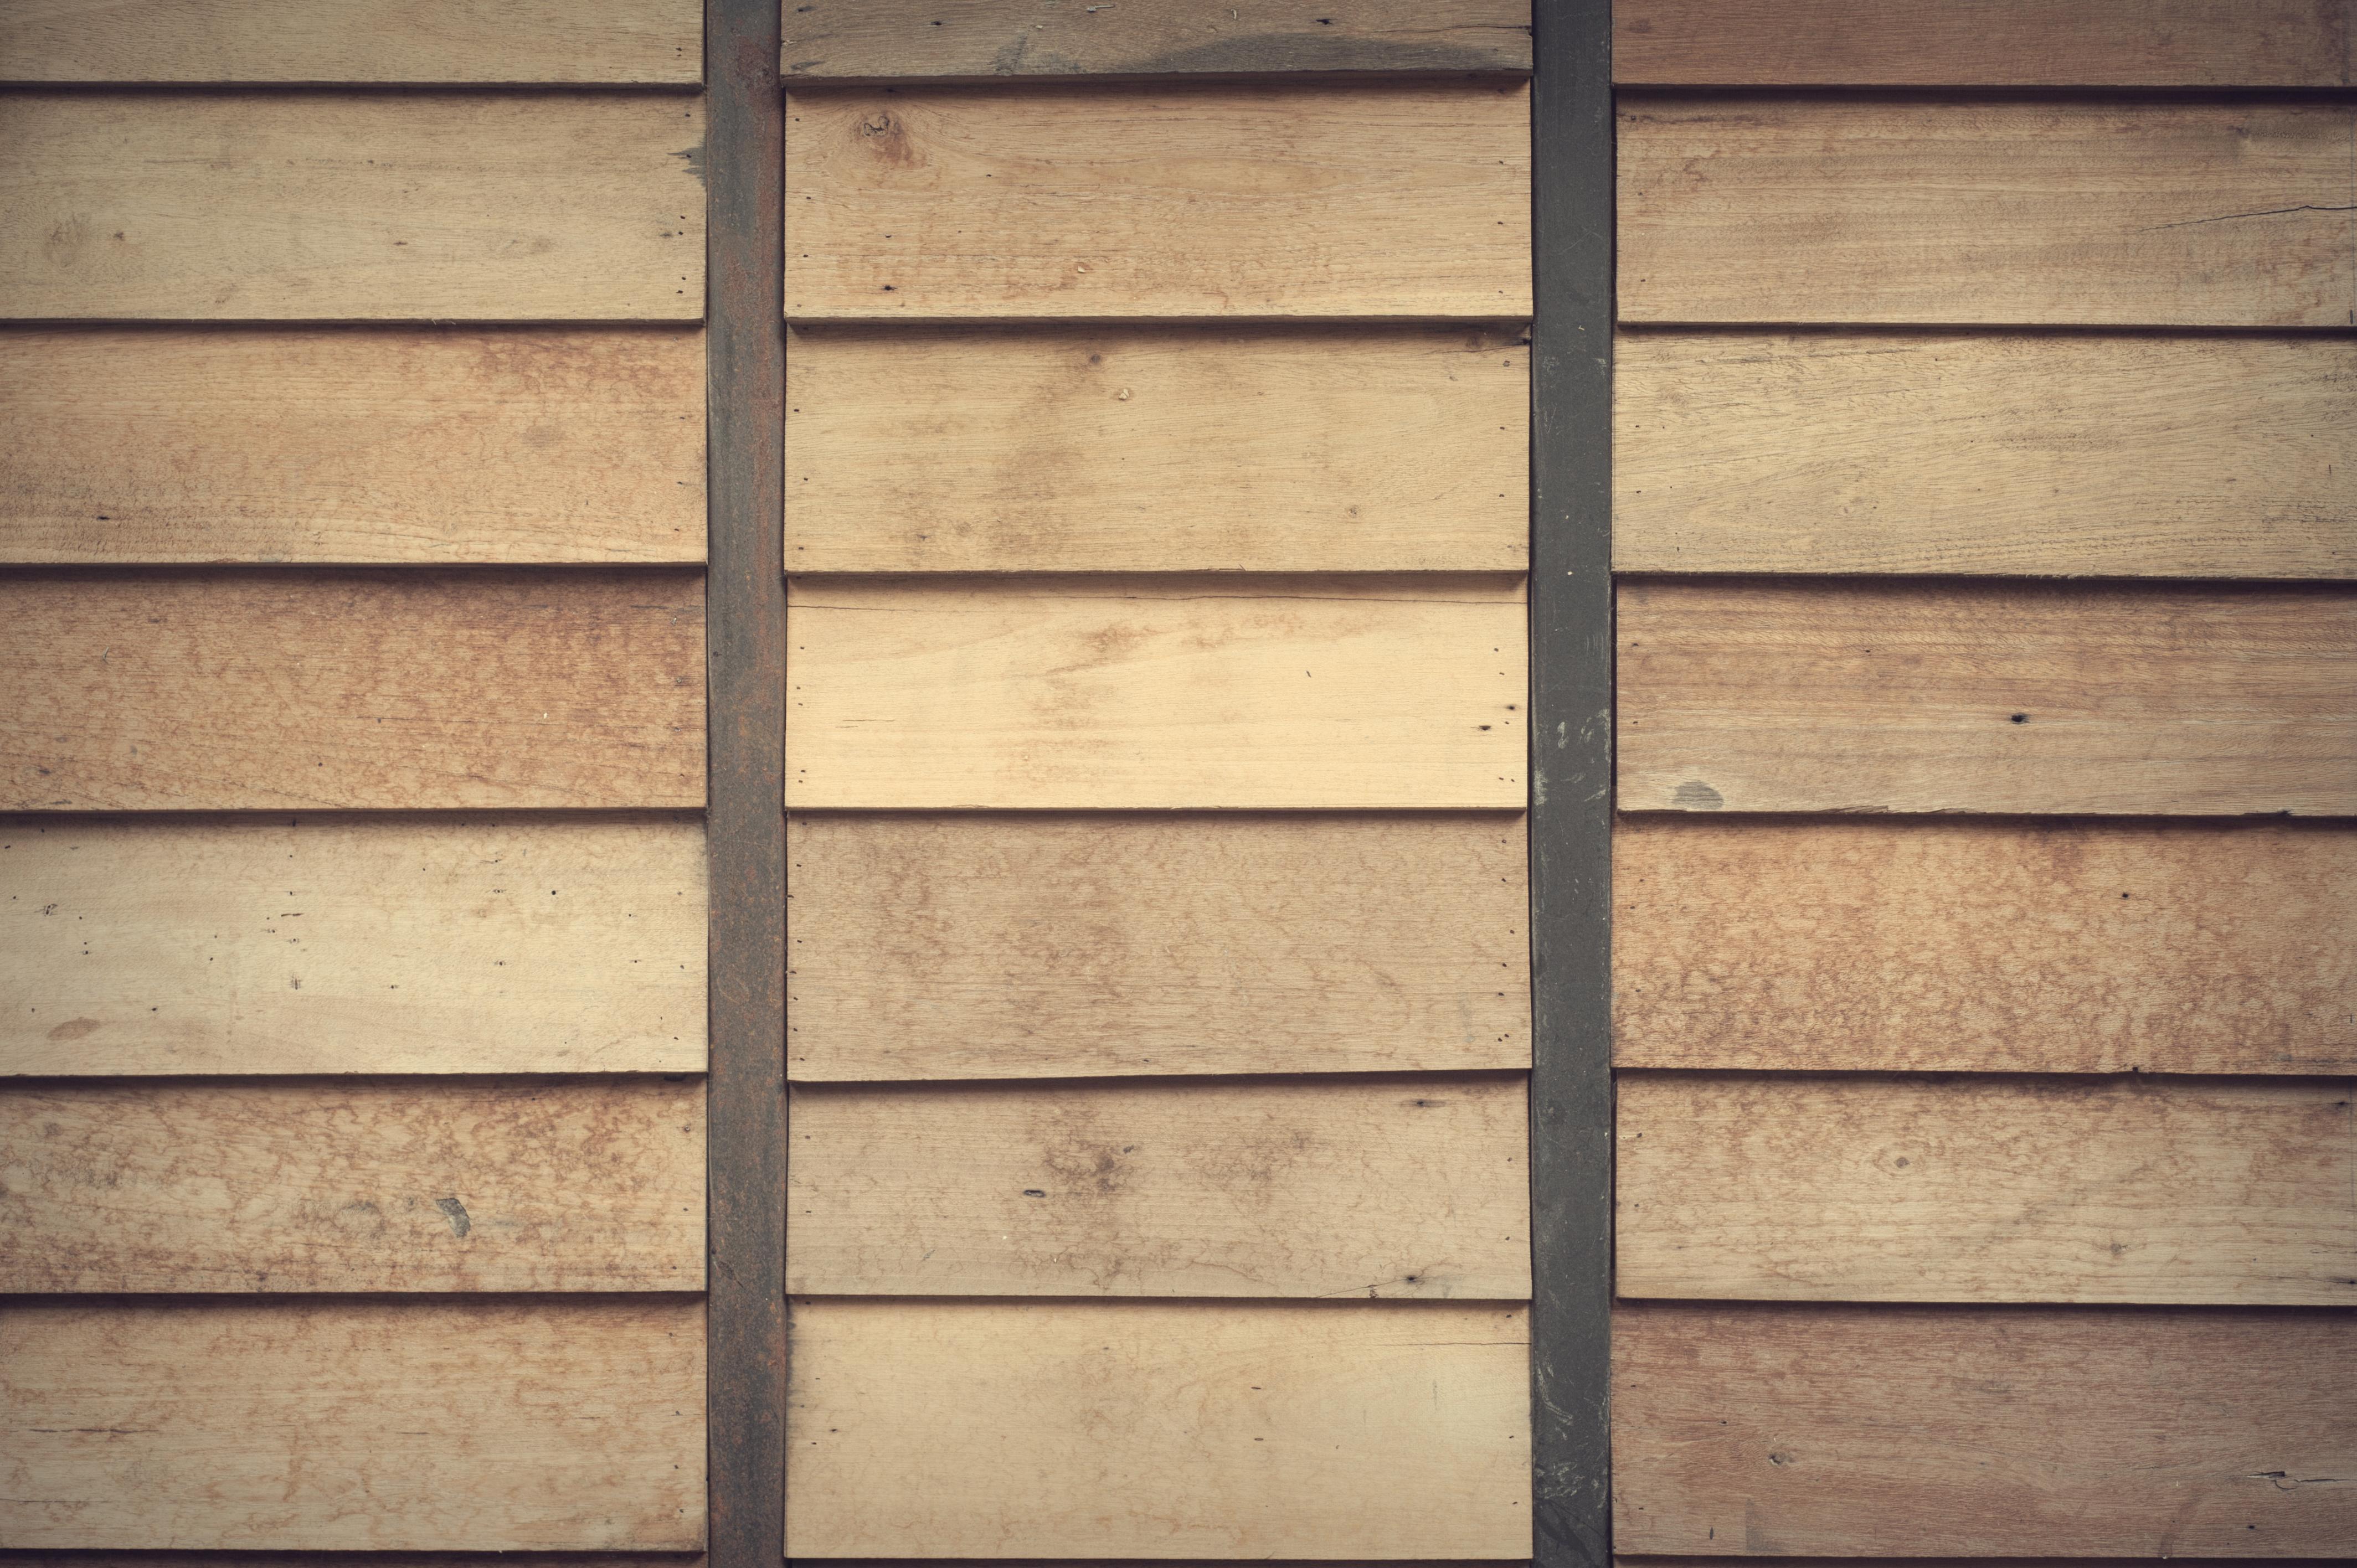 Board Wood White Texture Plank Floor Window Wall Line Color Lumber Door  Interior Design Design Hardwood